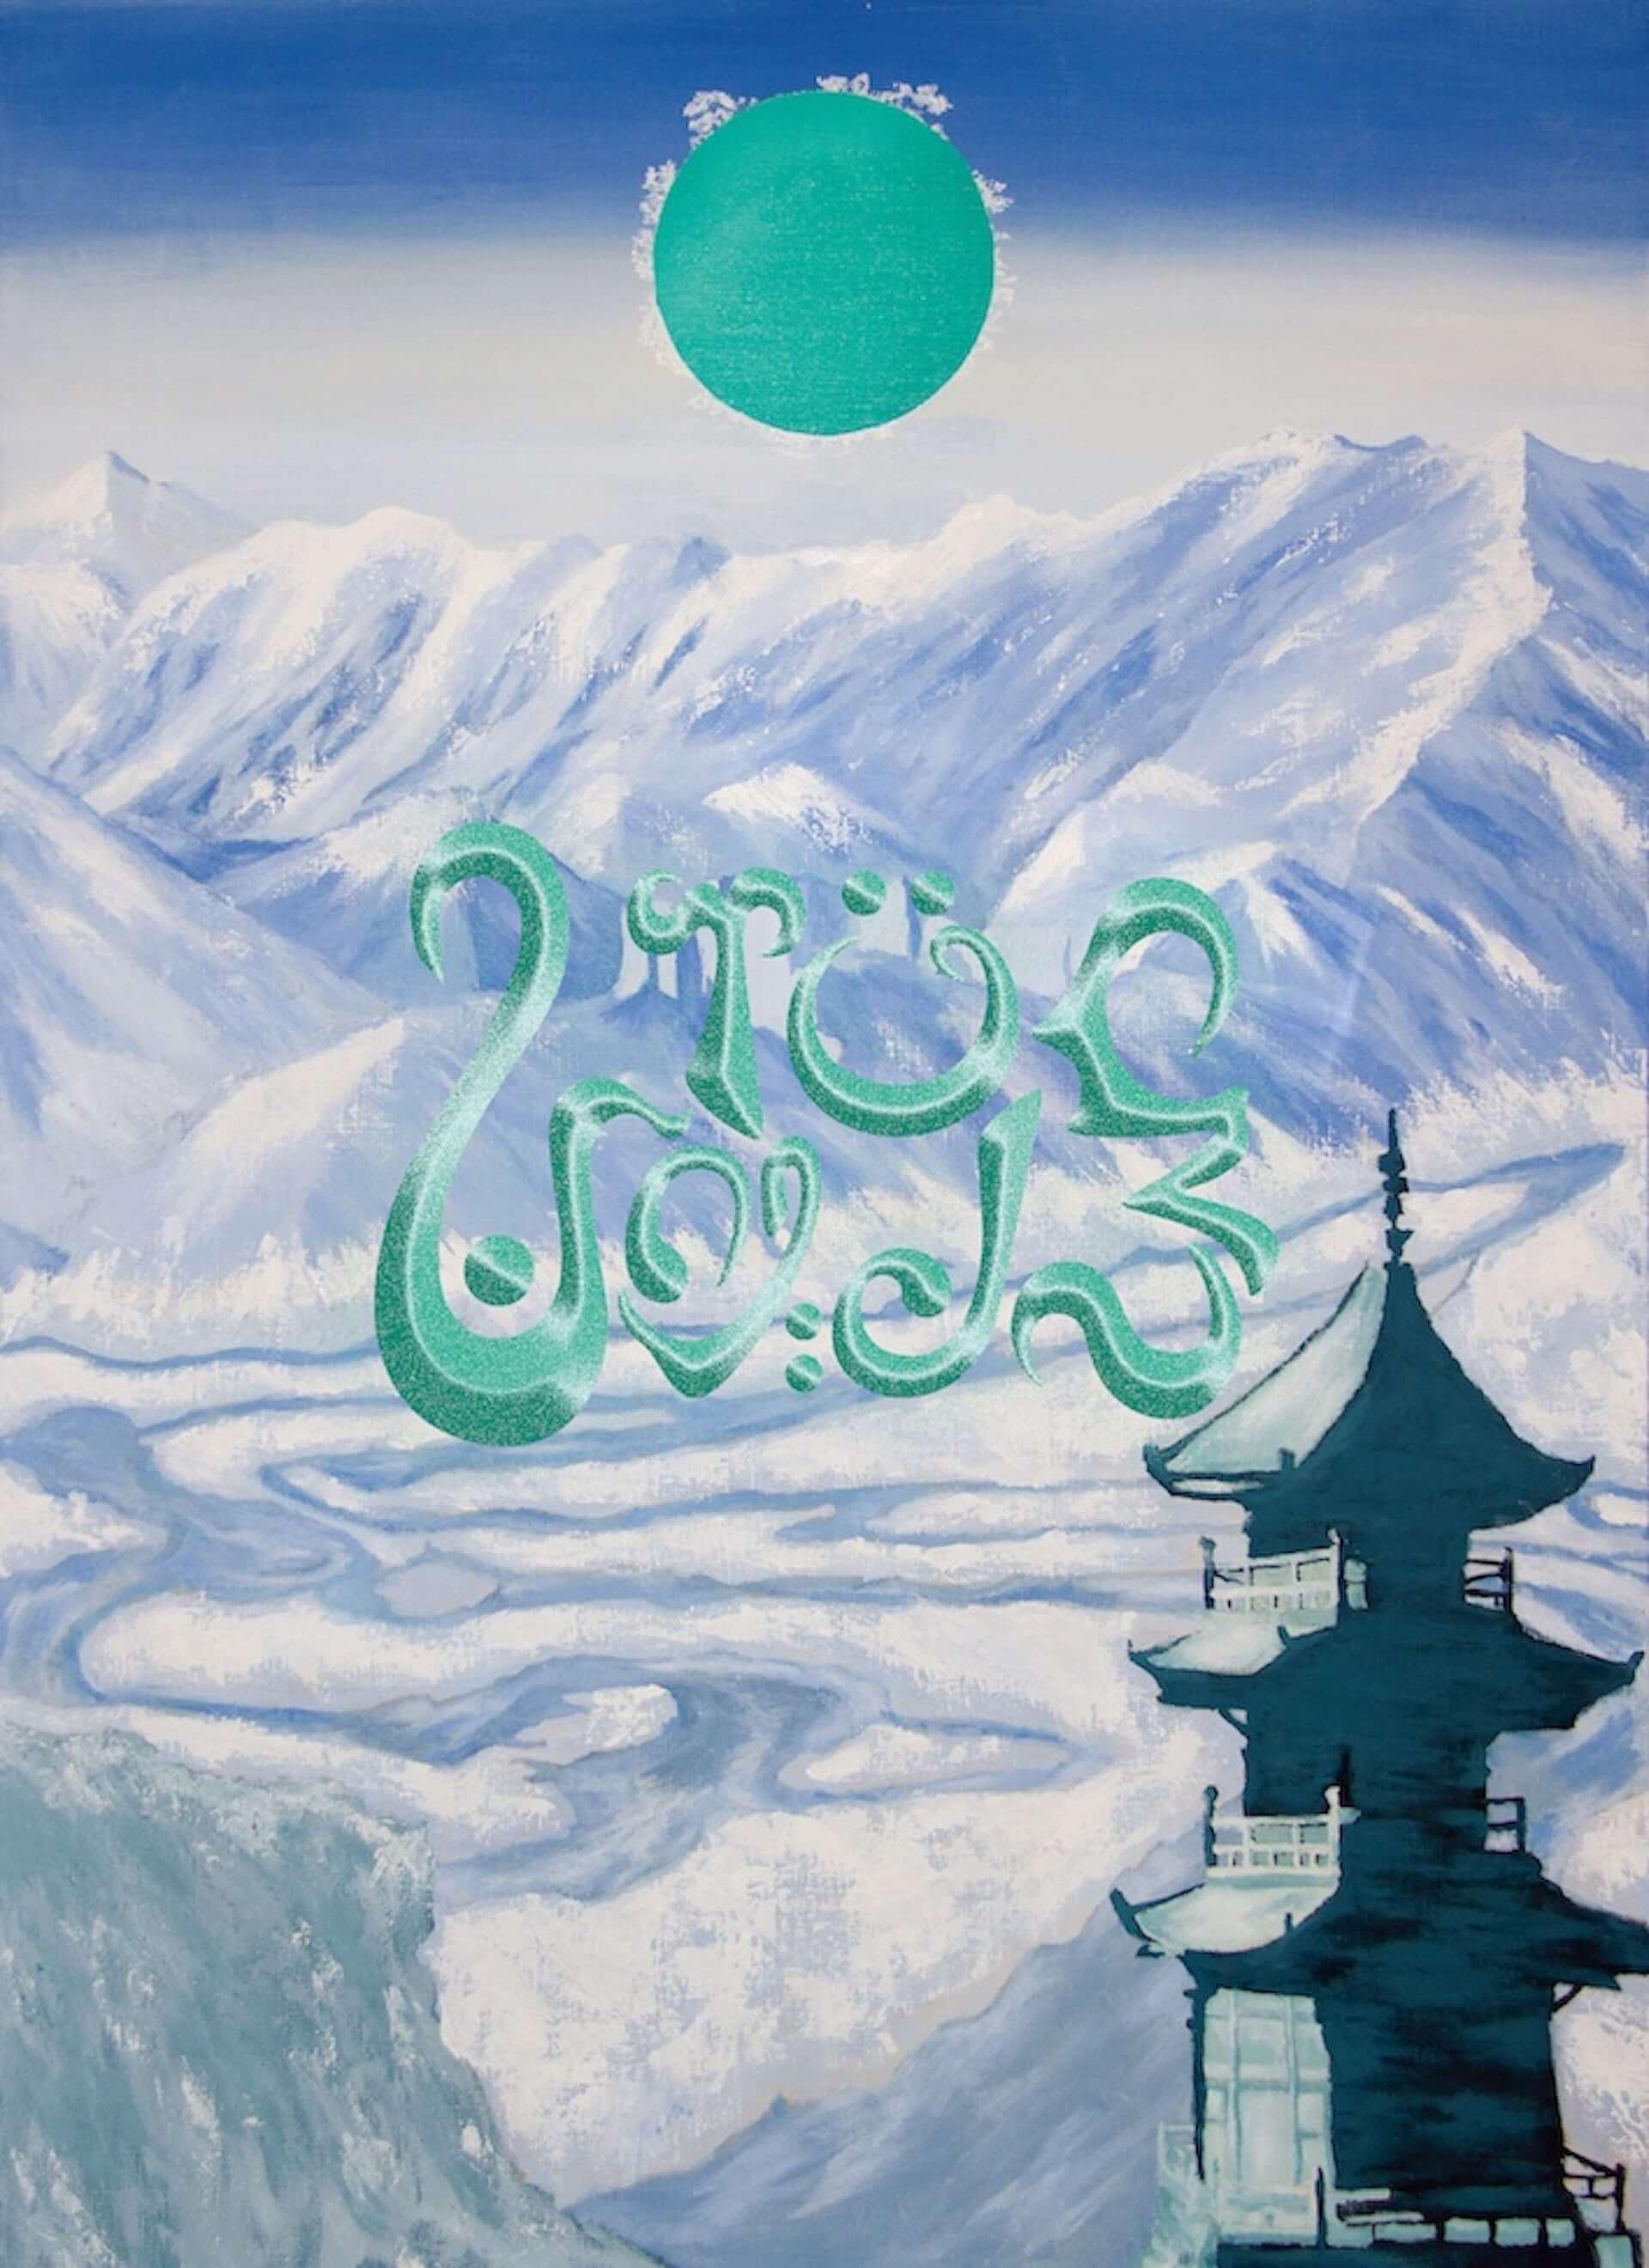 Utena Kobayashi最新アルバム『6 roads』のジャケットが公開!下北沢SPREADの配信ライブ<未知との遭遇>には今夜出演 music210303_utena-kobayashi_2-1920x2640